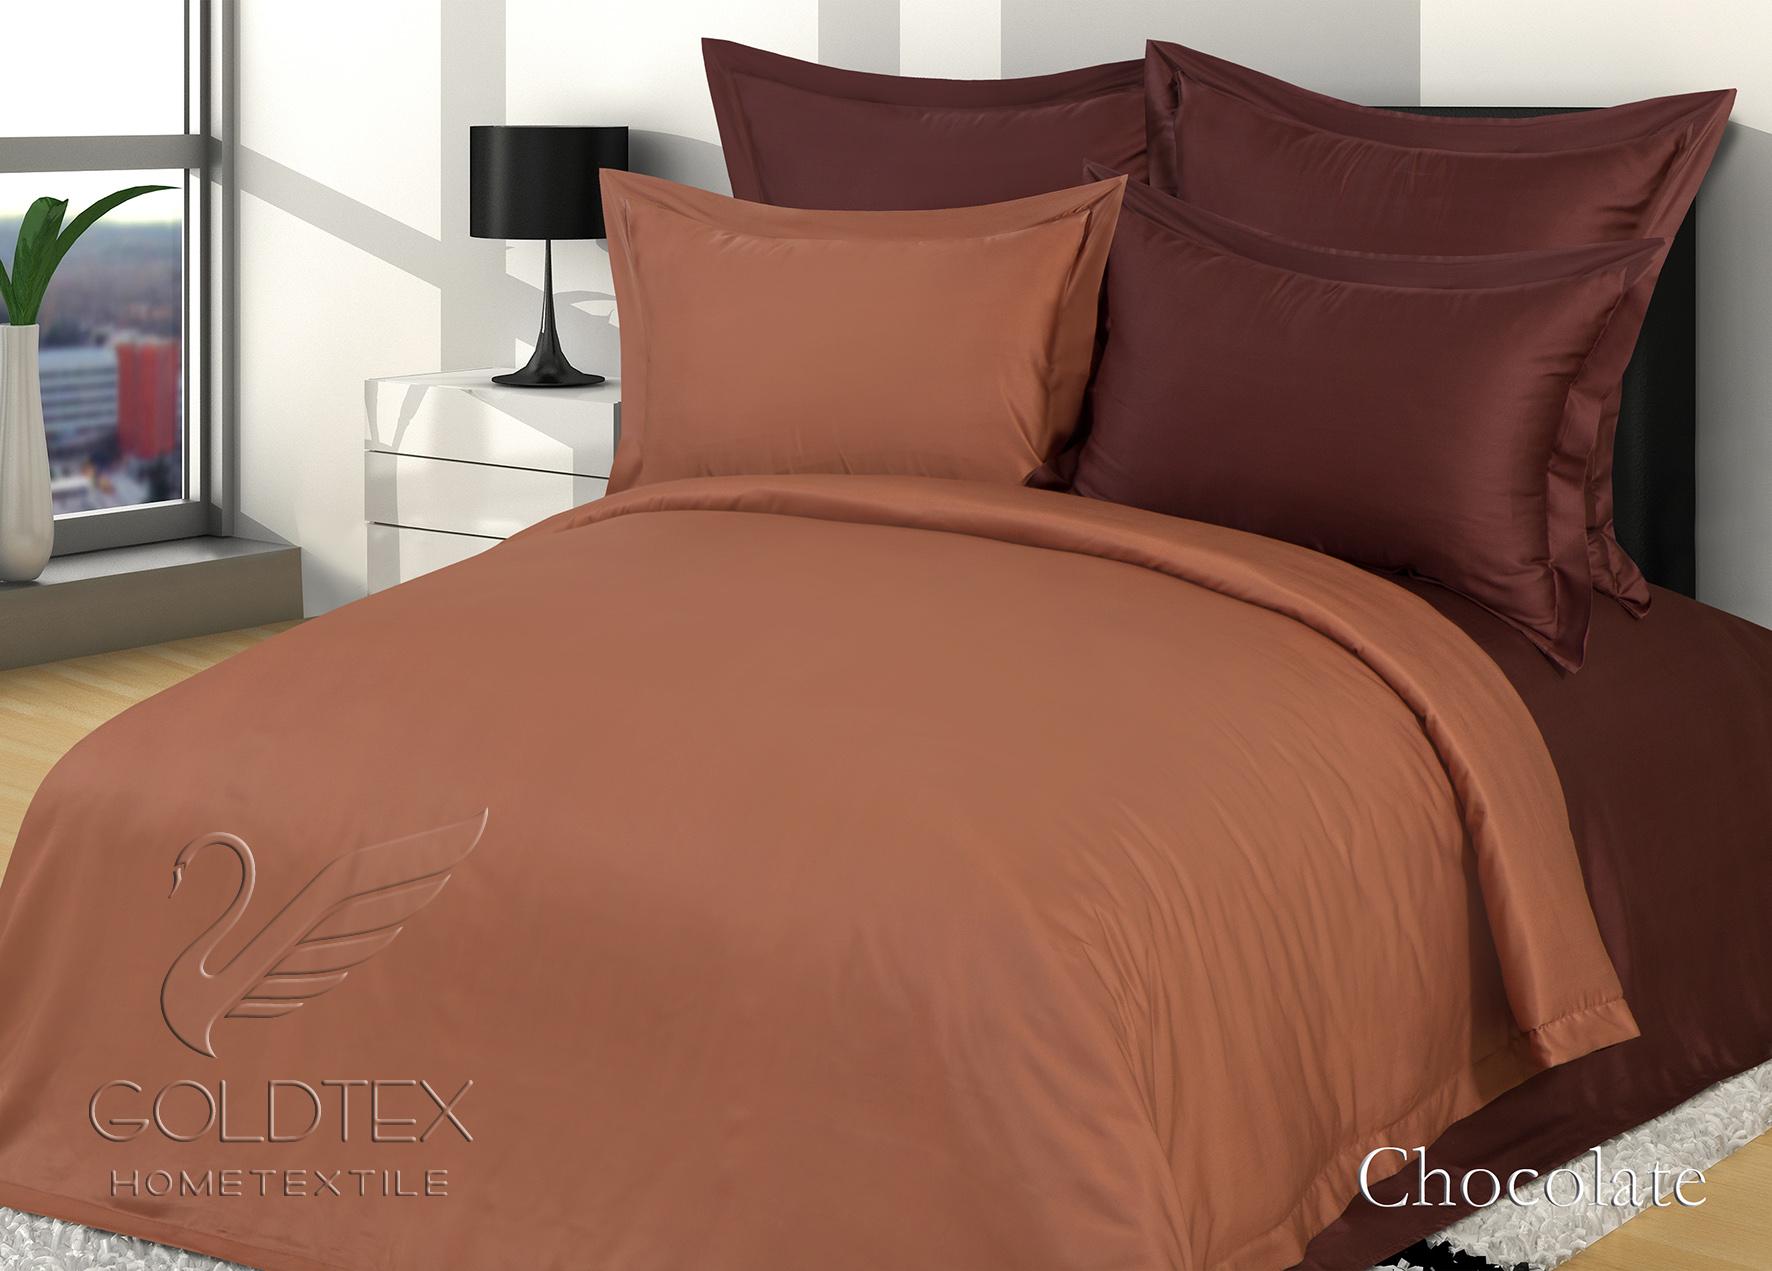 Комплект Chocolate, размер 2,0-спальный с 4 наволочкамиБамбуковое волокно<br>Пододеяльник:220х175 см - 1 шт.<br>Простыня:220х240 см - 1 шт.<br>Наволочка:70х70 см - 2 шт. 50х70 см - 2 шт.<br><br>Тип: КПБ<br>Размер: 2,0-сп. 4 нав.<br>Материал: Бамбук